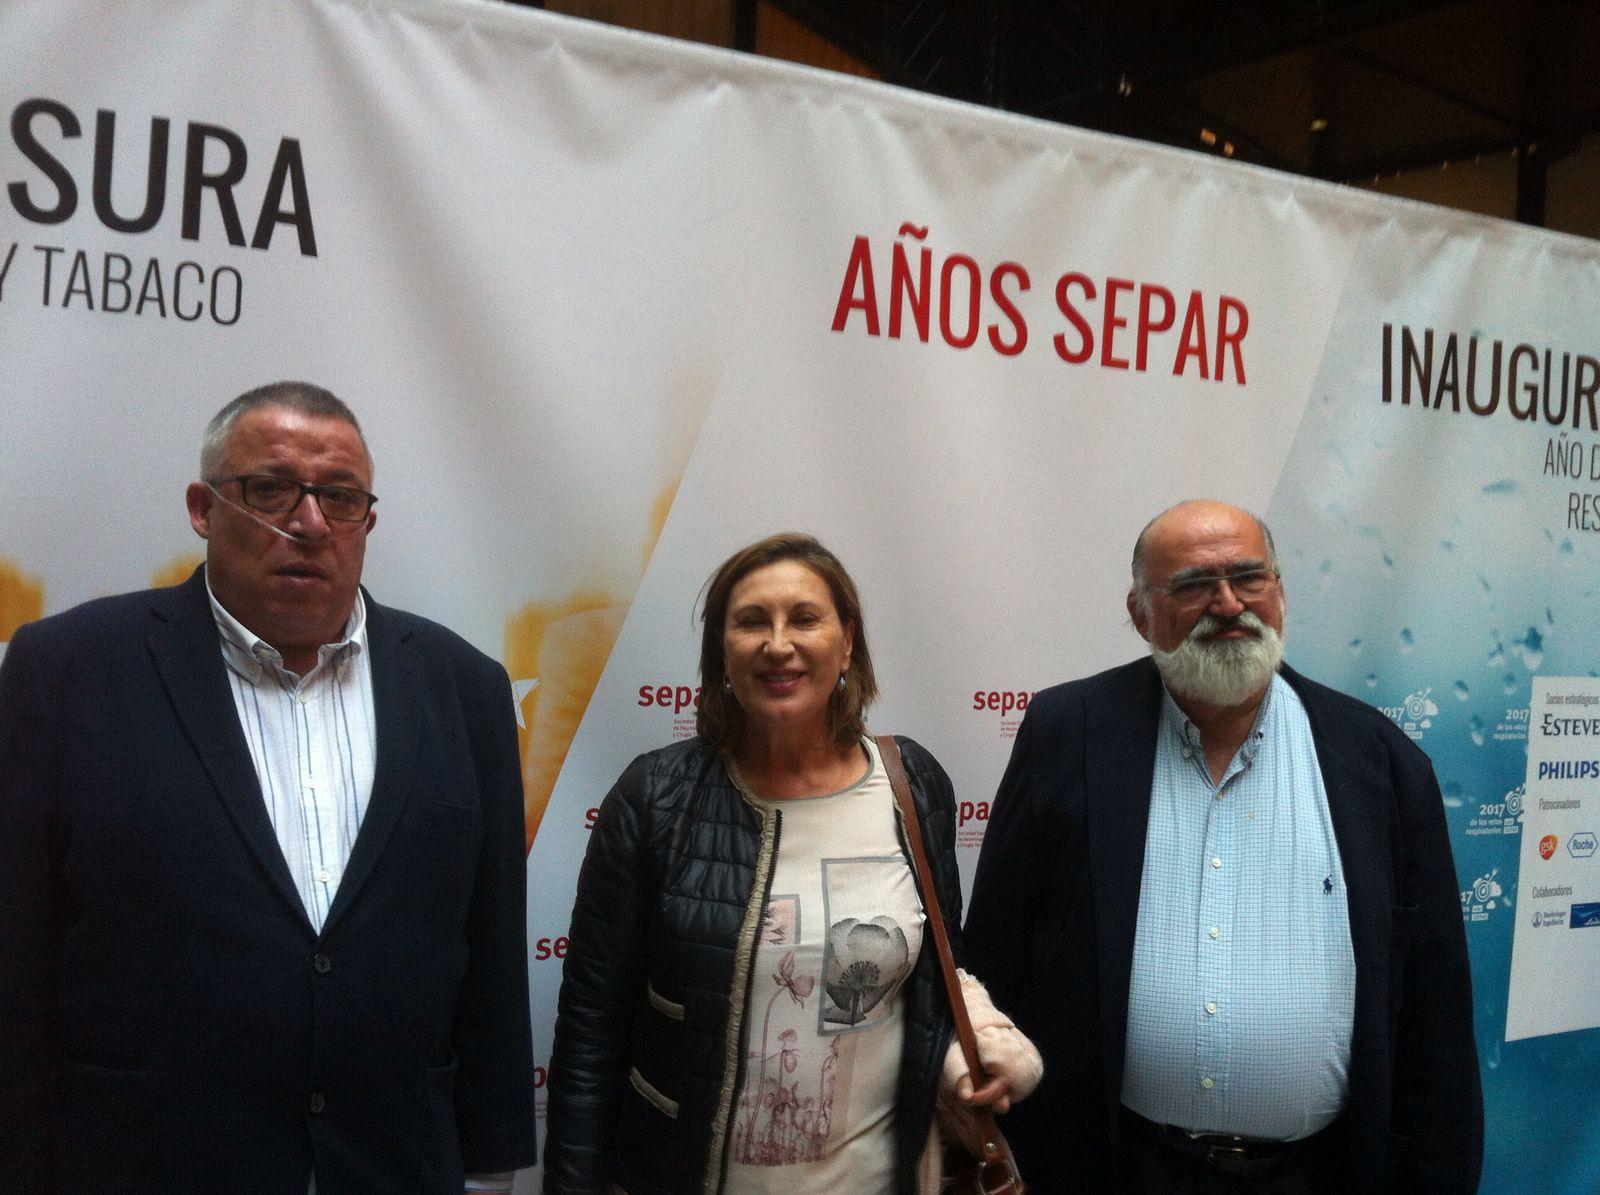 CLAUSURA AÑO SEPAR